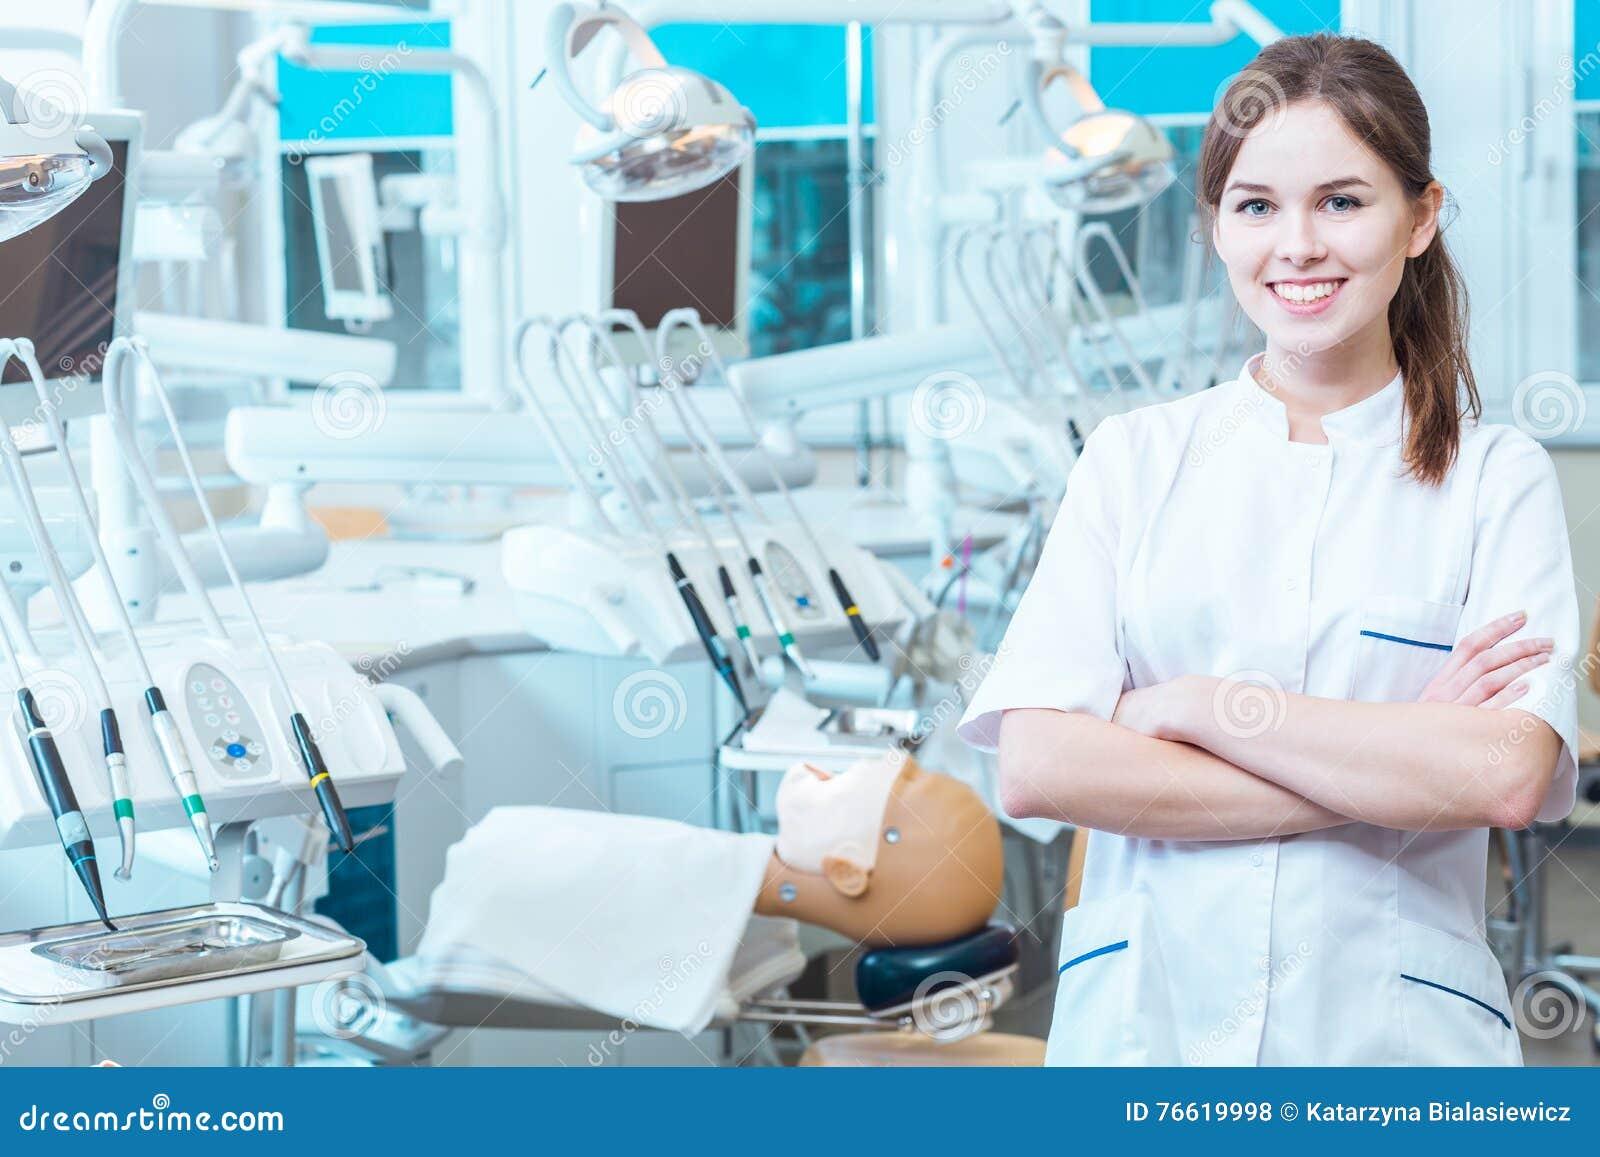 Het beheersen van haar vaardigheden in een professioneel laboratorium